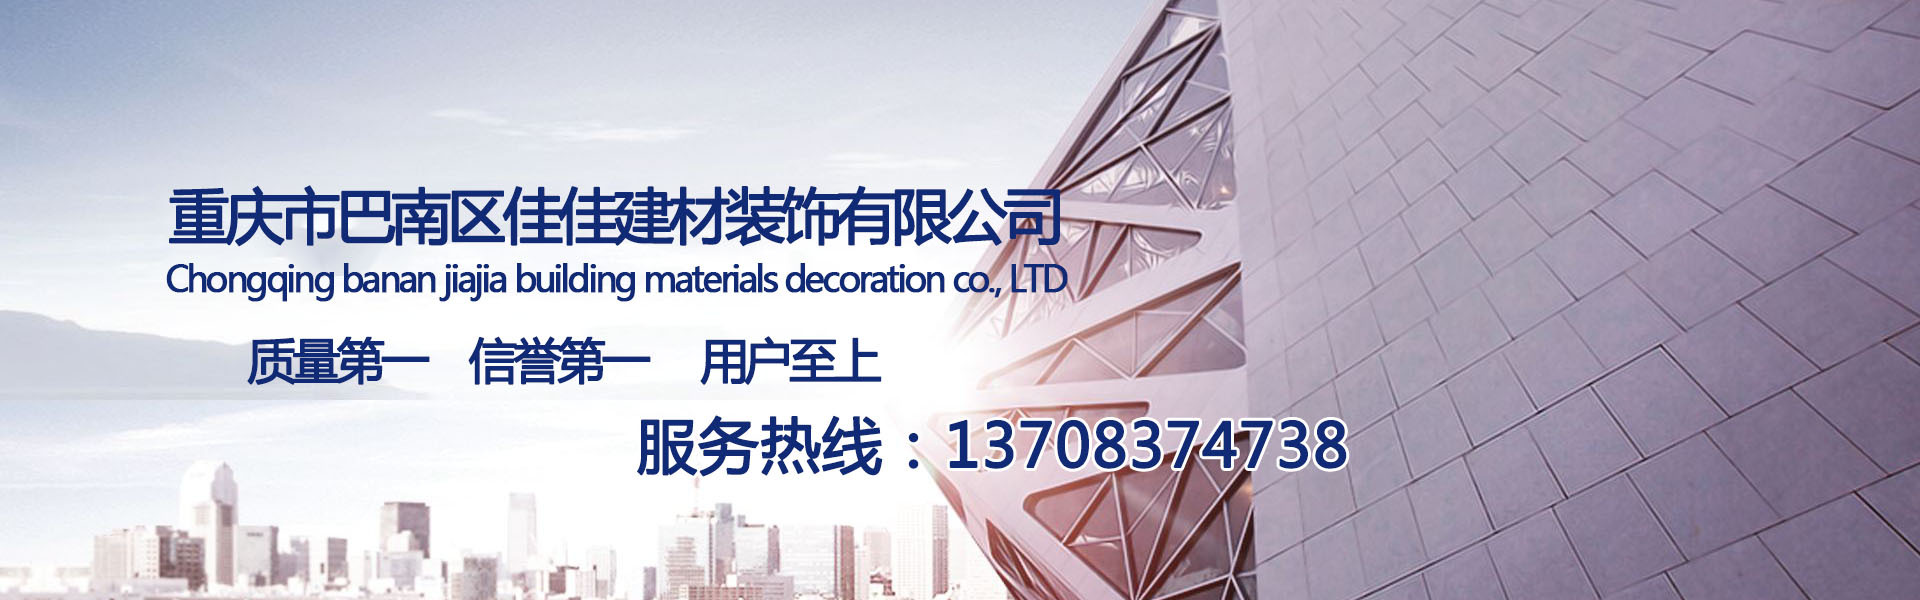 佳佳建材:质量第一、信誉第一、用户至上,服务热线:13708374738